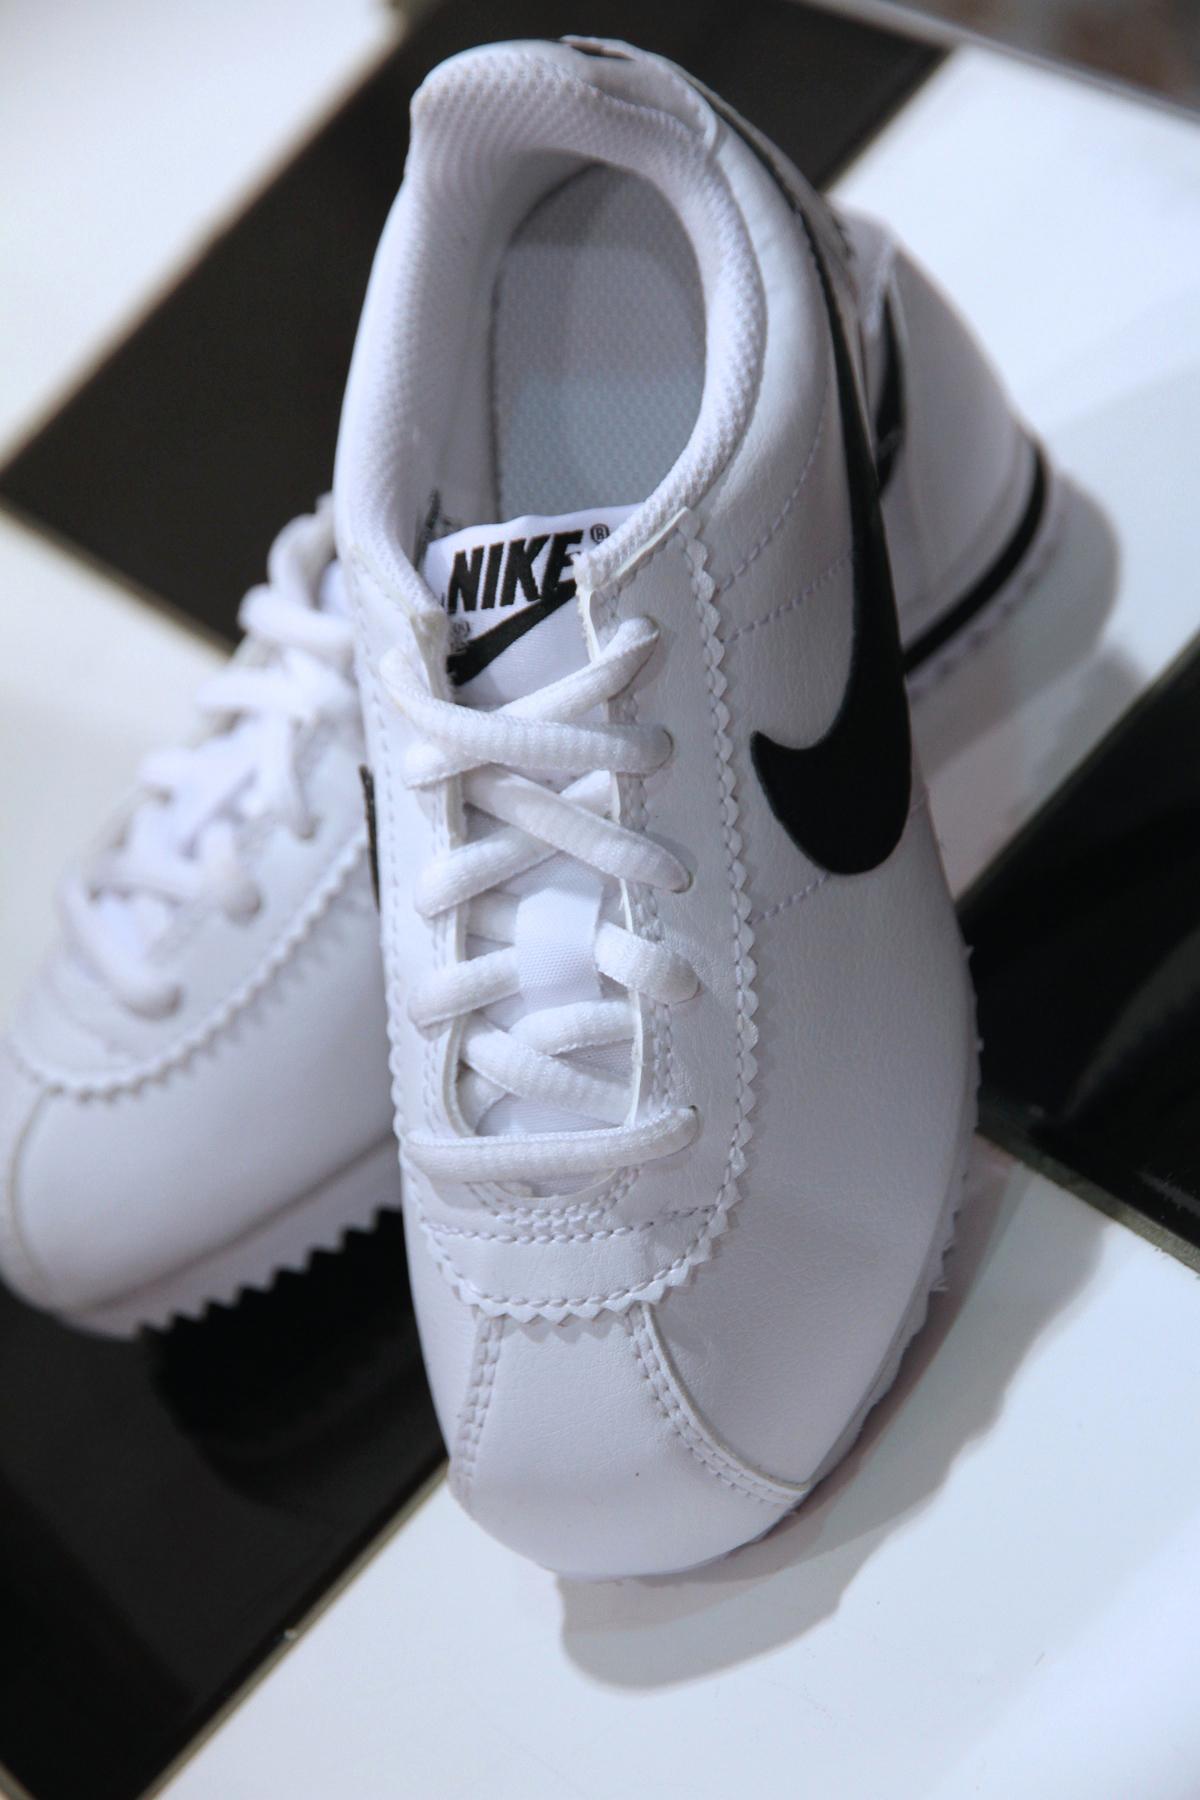 Les Nike Cortez Kids à Rouen